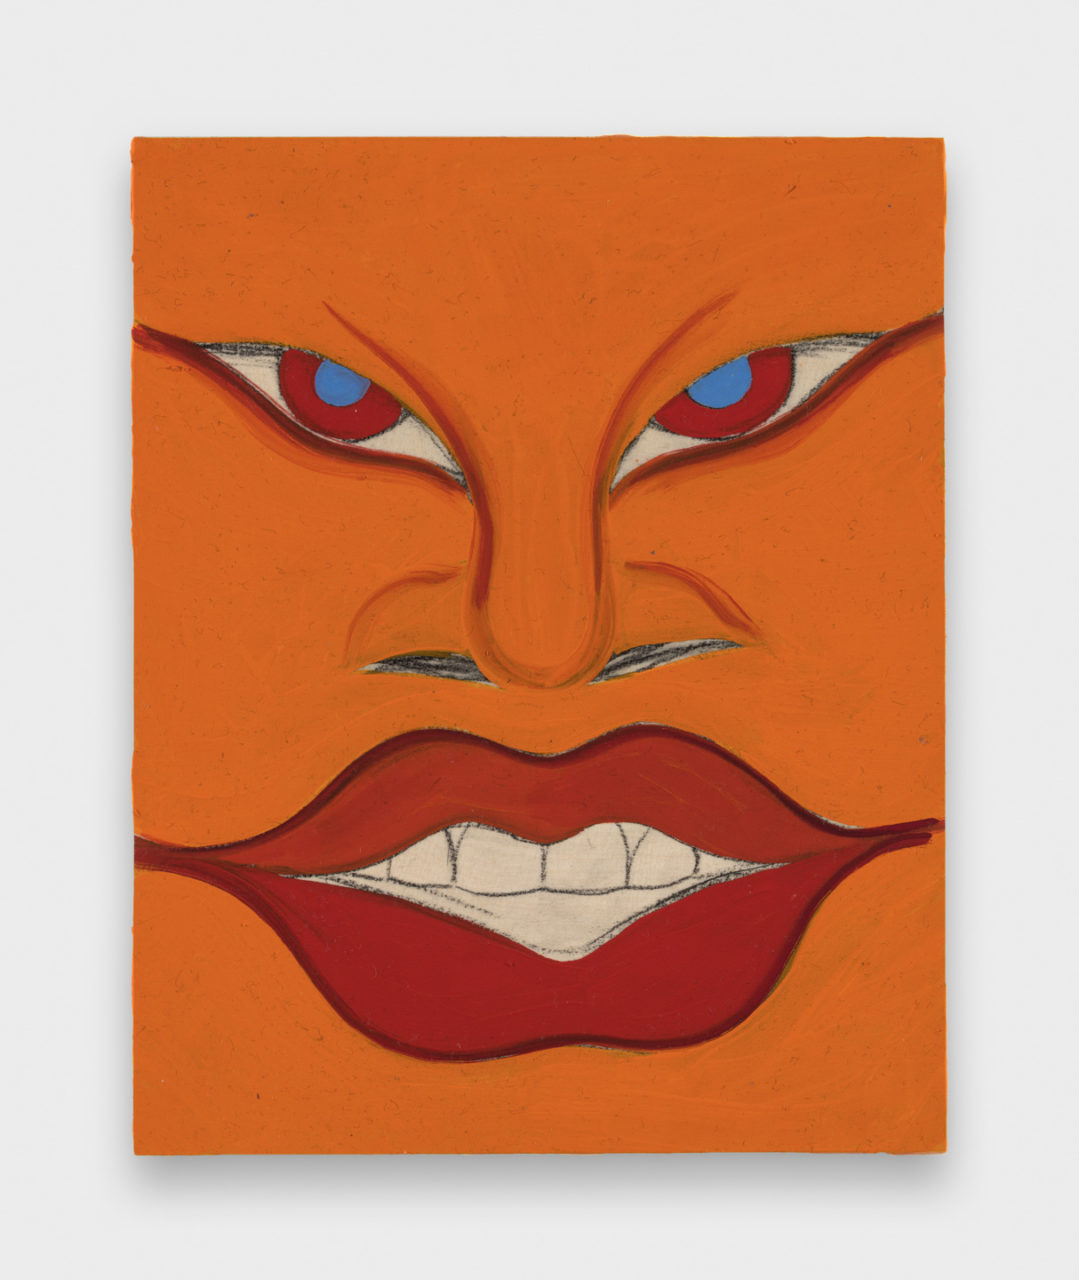 Patterns & Rituals | Tunji Adeniyi-Jones